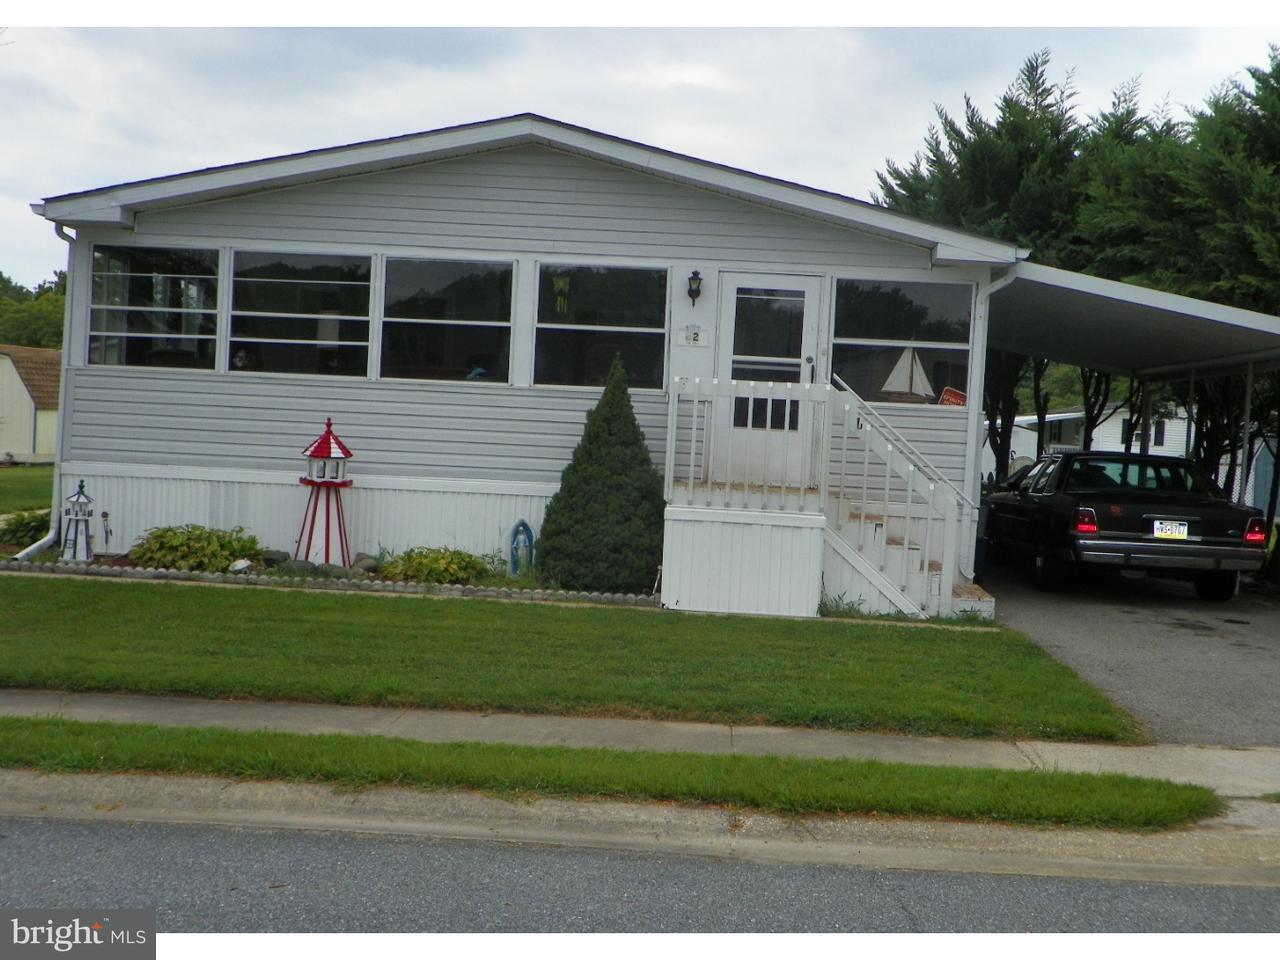 移动之家 为 销售 在 62 ELMWOOD DR #62 Smyrna, 特拉华州 19977 美国